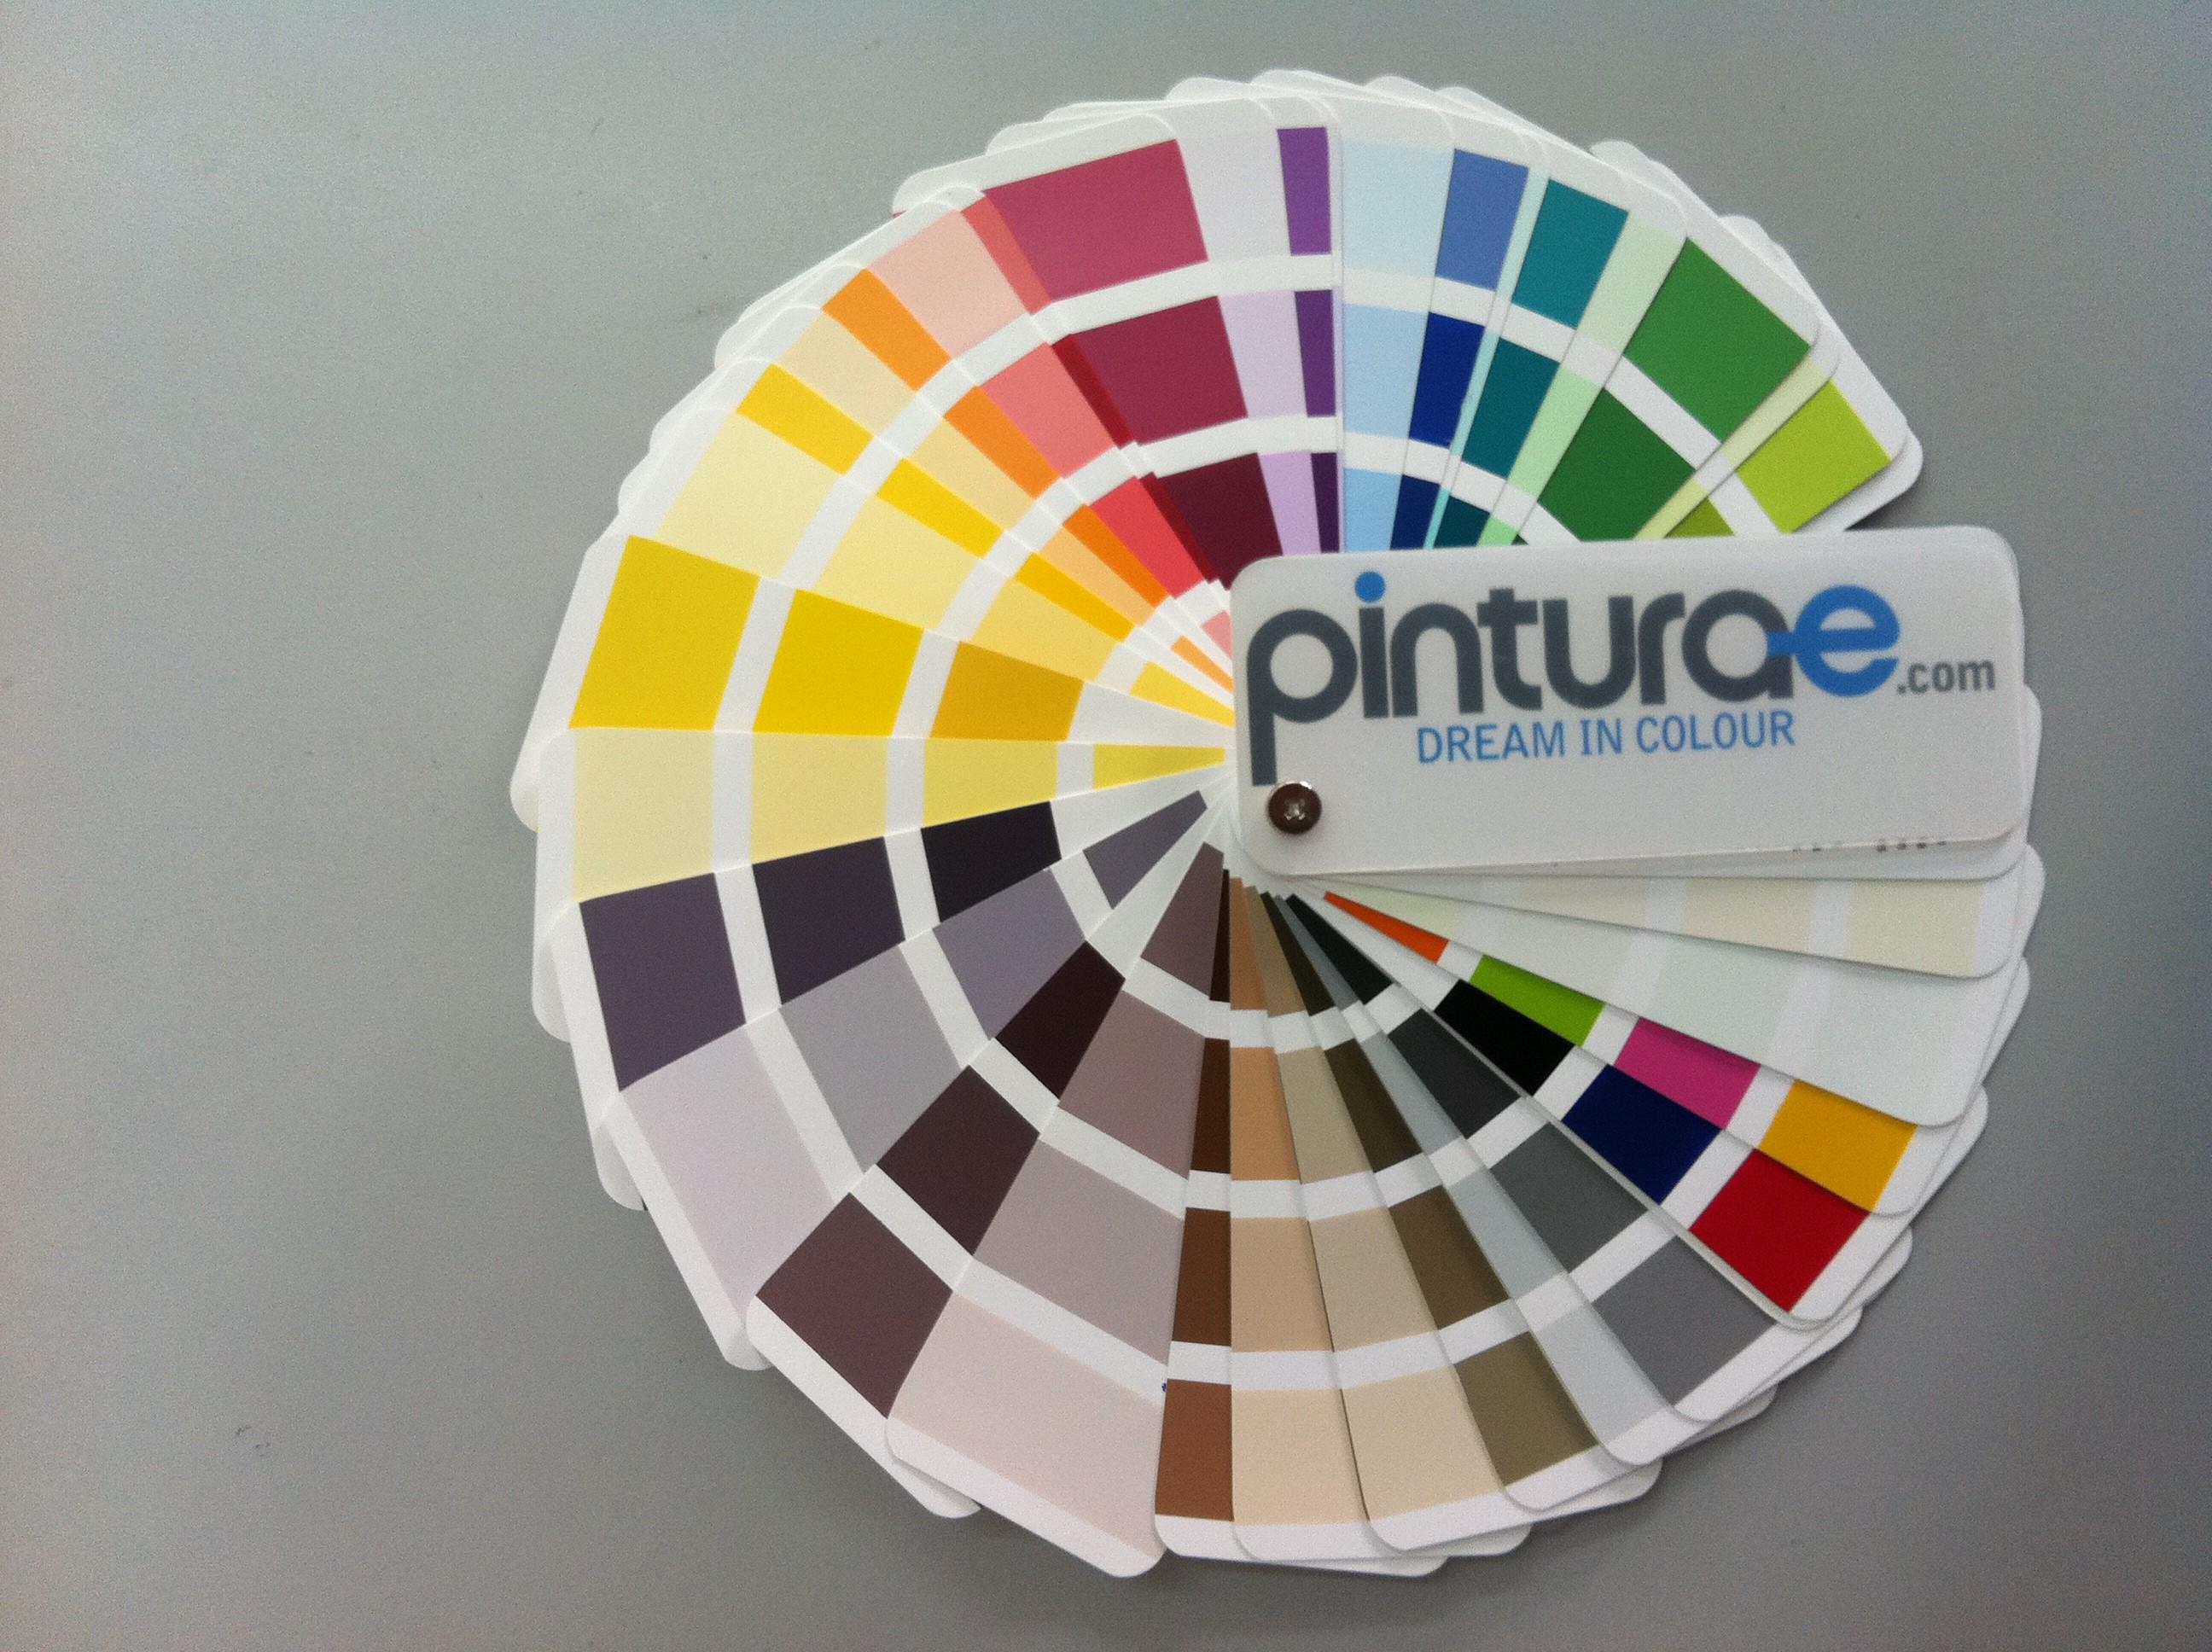 Carta de colores pintura carta de colores para paredes for Tabla de colores pintura interior